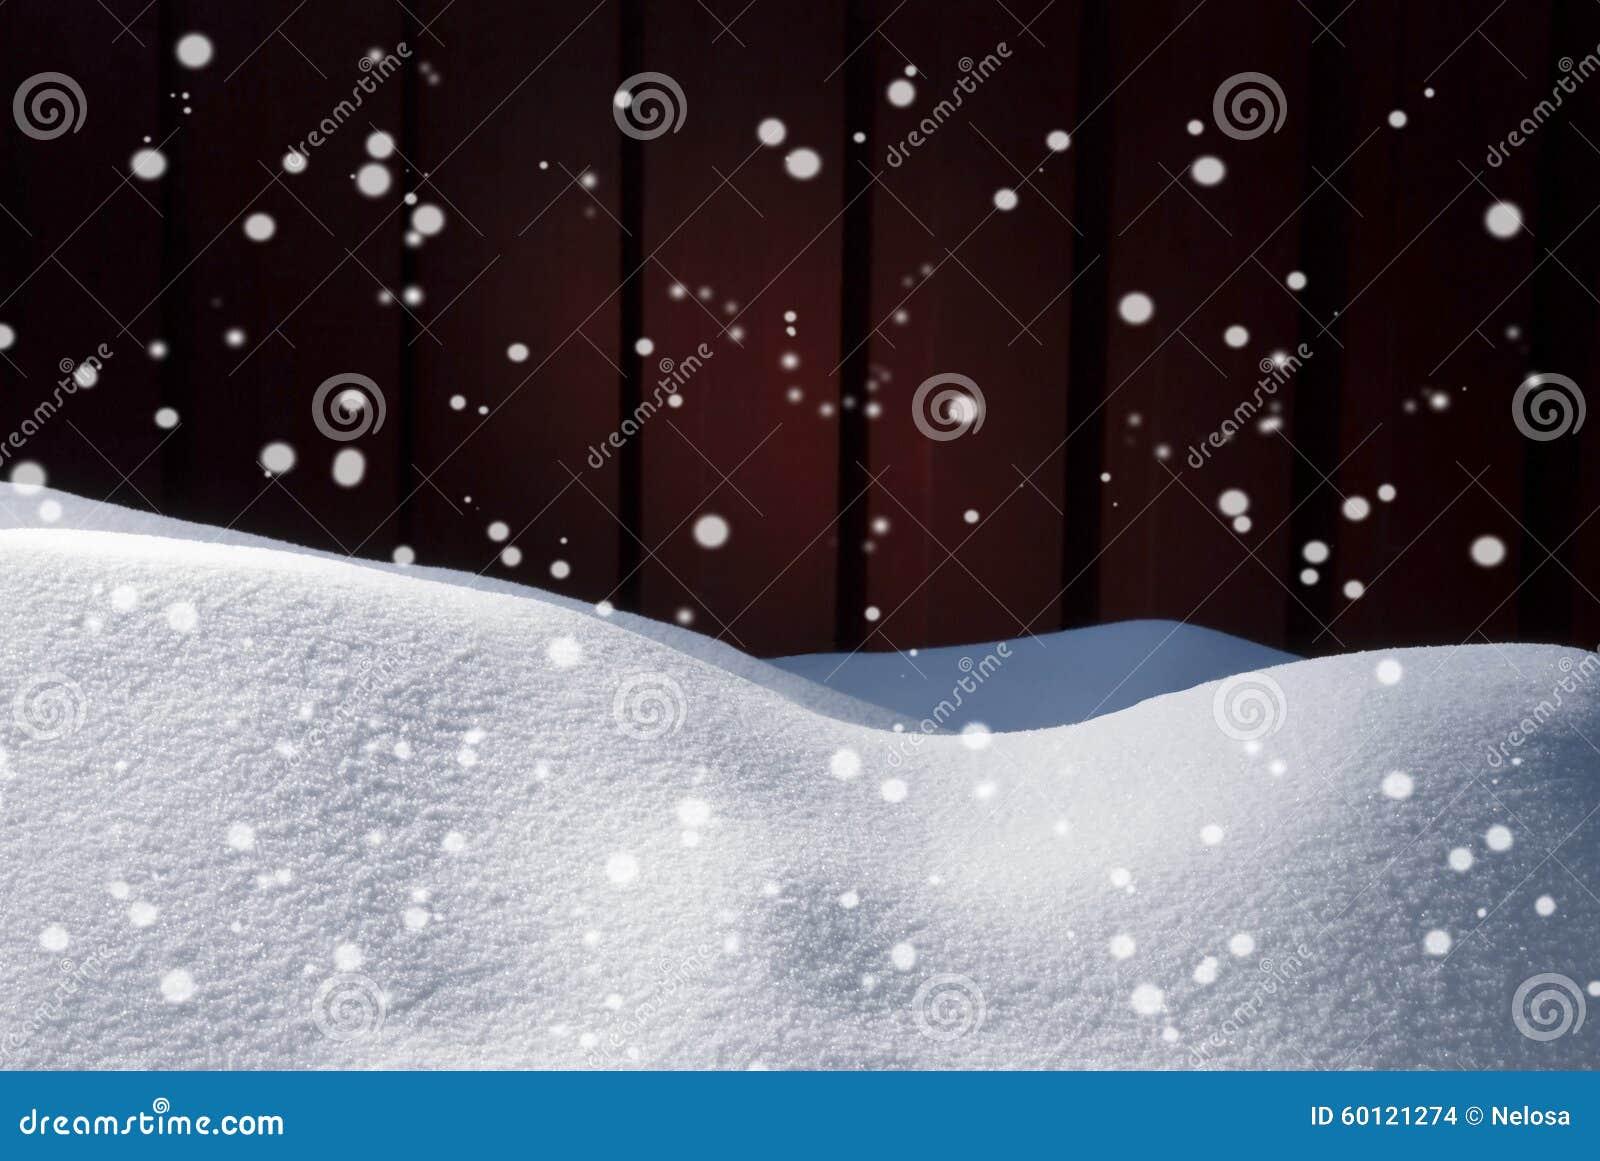 Weihnachtskarte Mit Kopien-Raum, Weißer Schnee, Schneeflocken ...